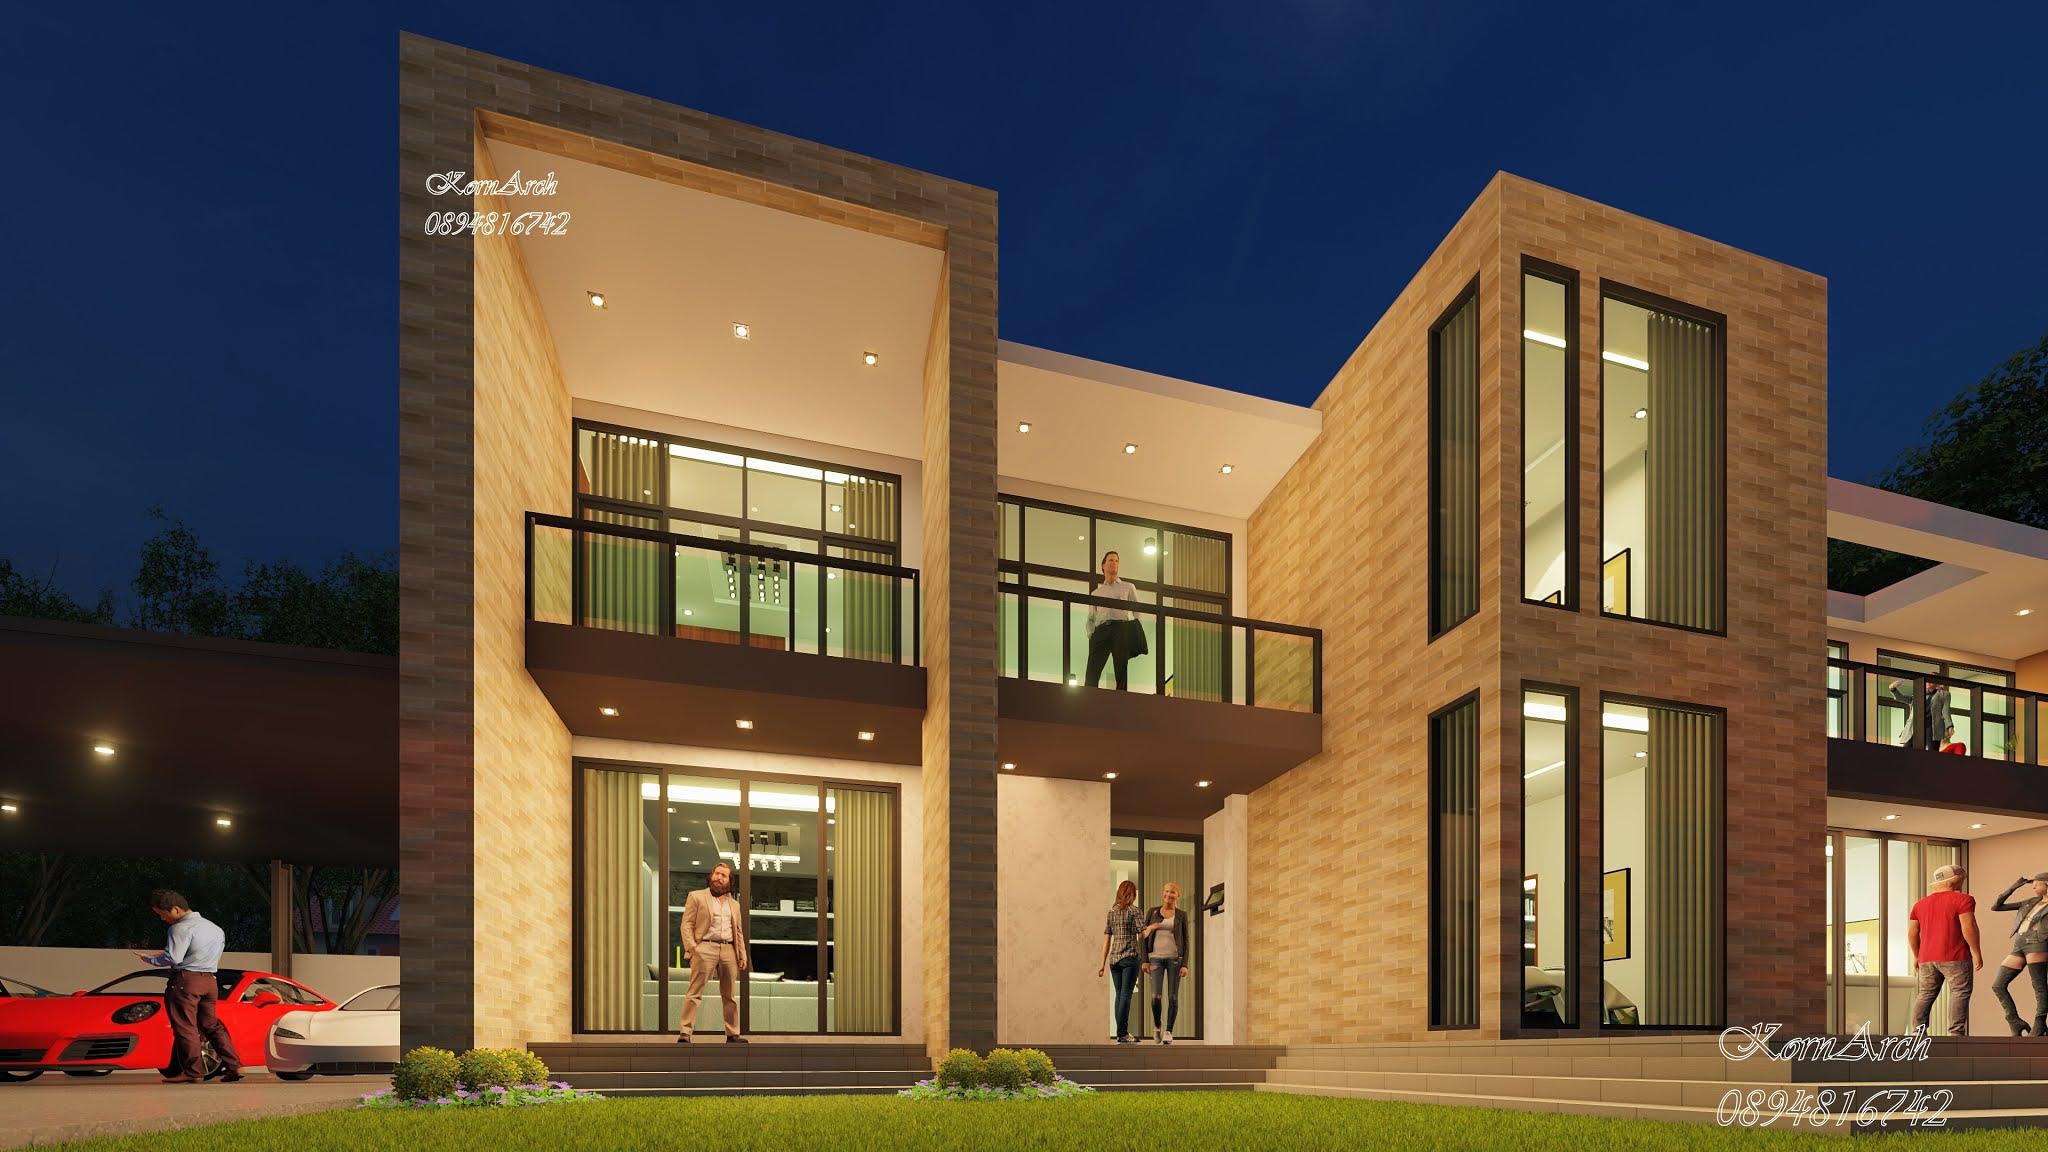 รับออกแบบต่อเติมบ้าน2ชั้น(3D) เจ้าของอาคาร บริษัทนันทะพล จำกัด อ.ลาดหลุมแก้ว จ.ปทุมธานี